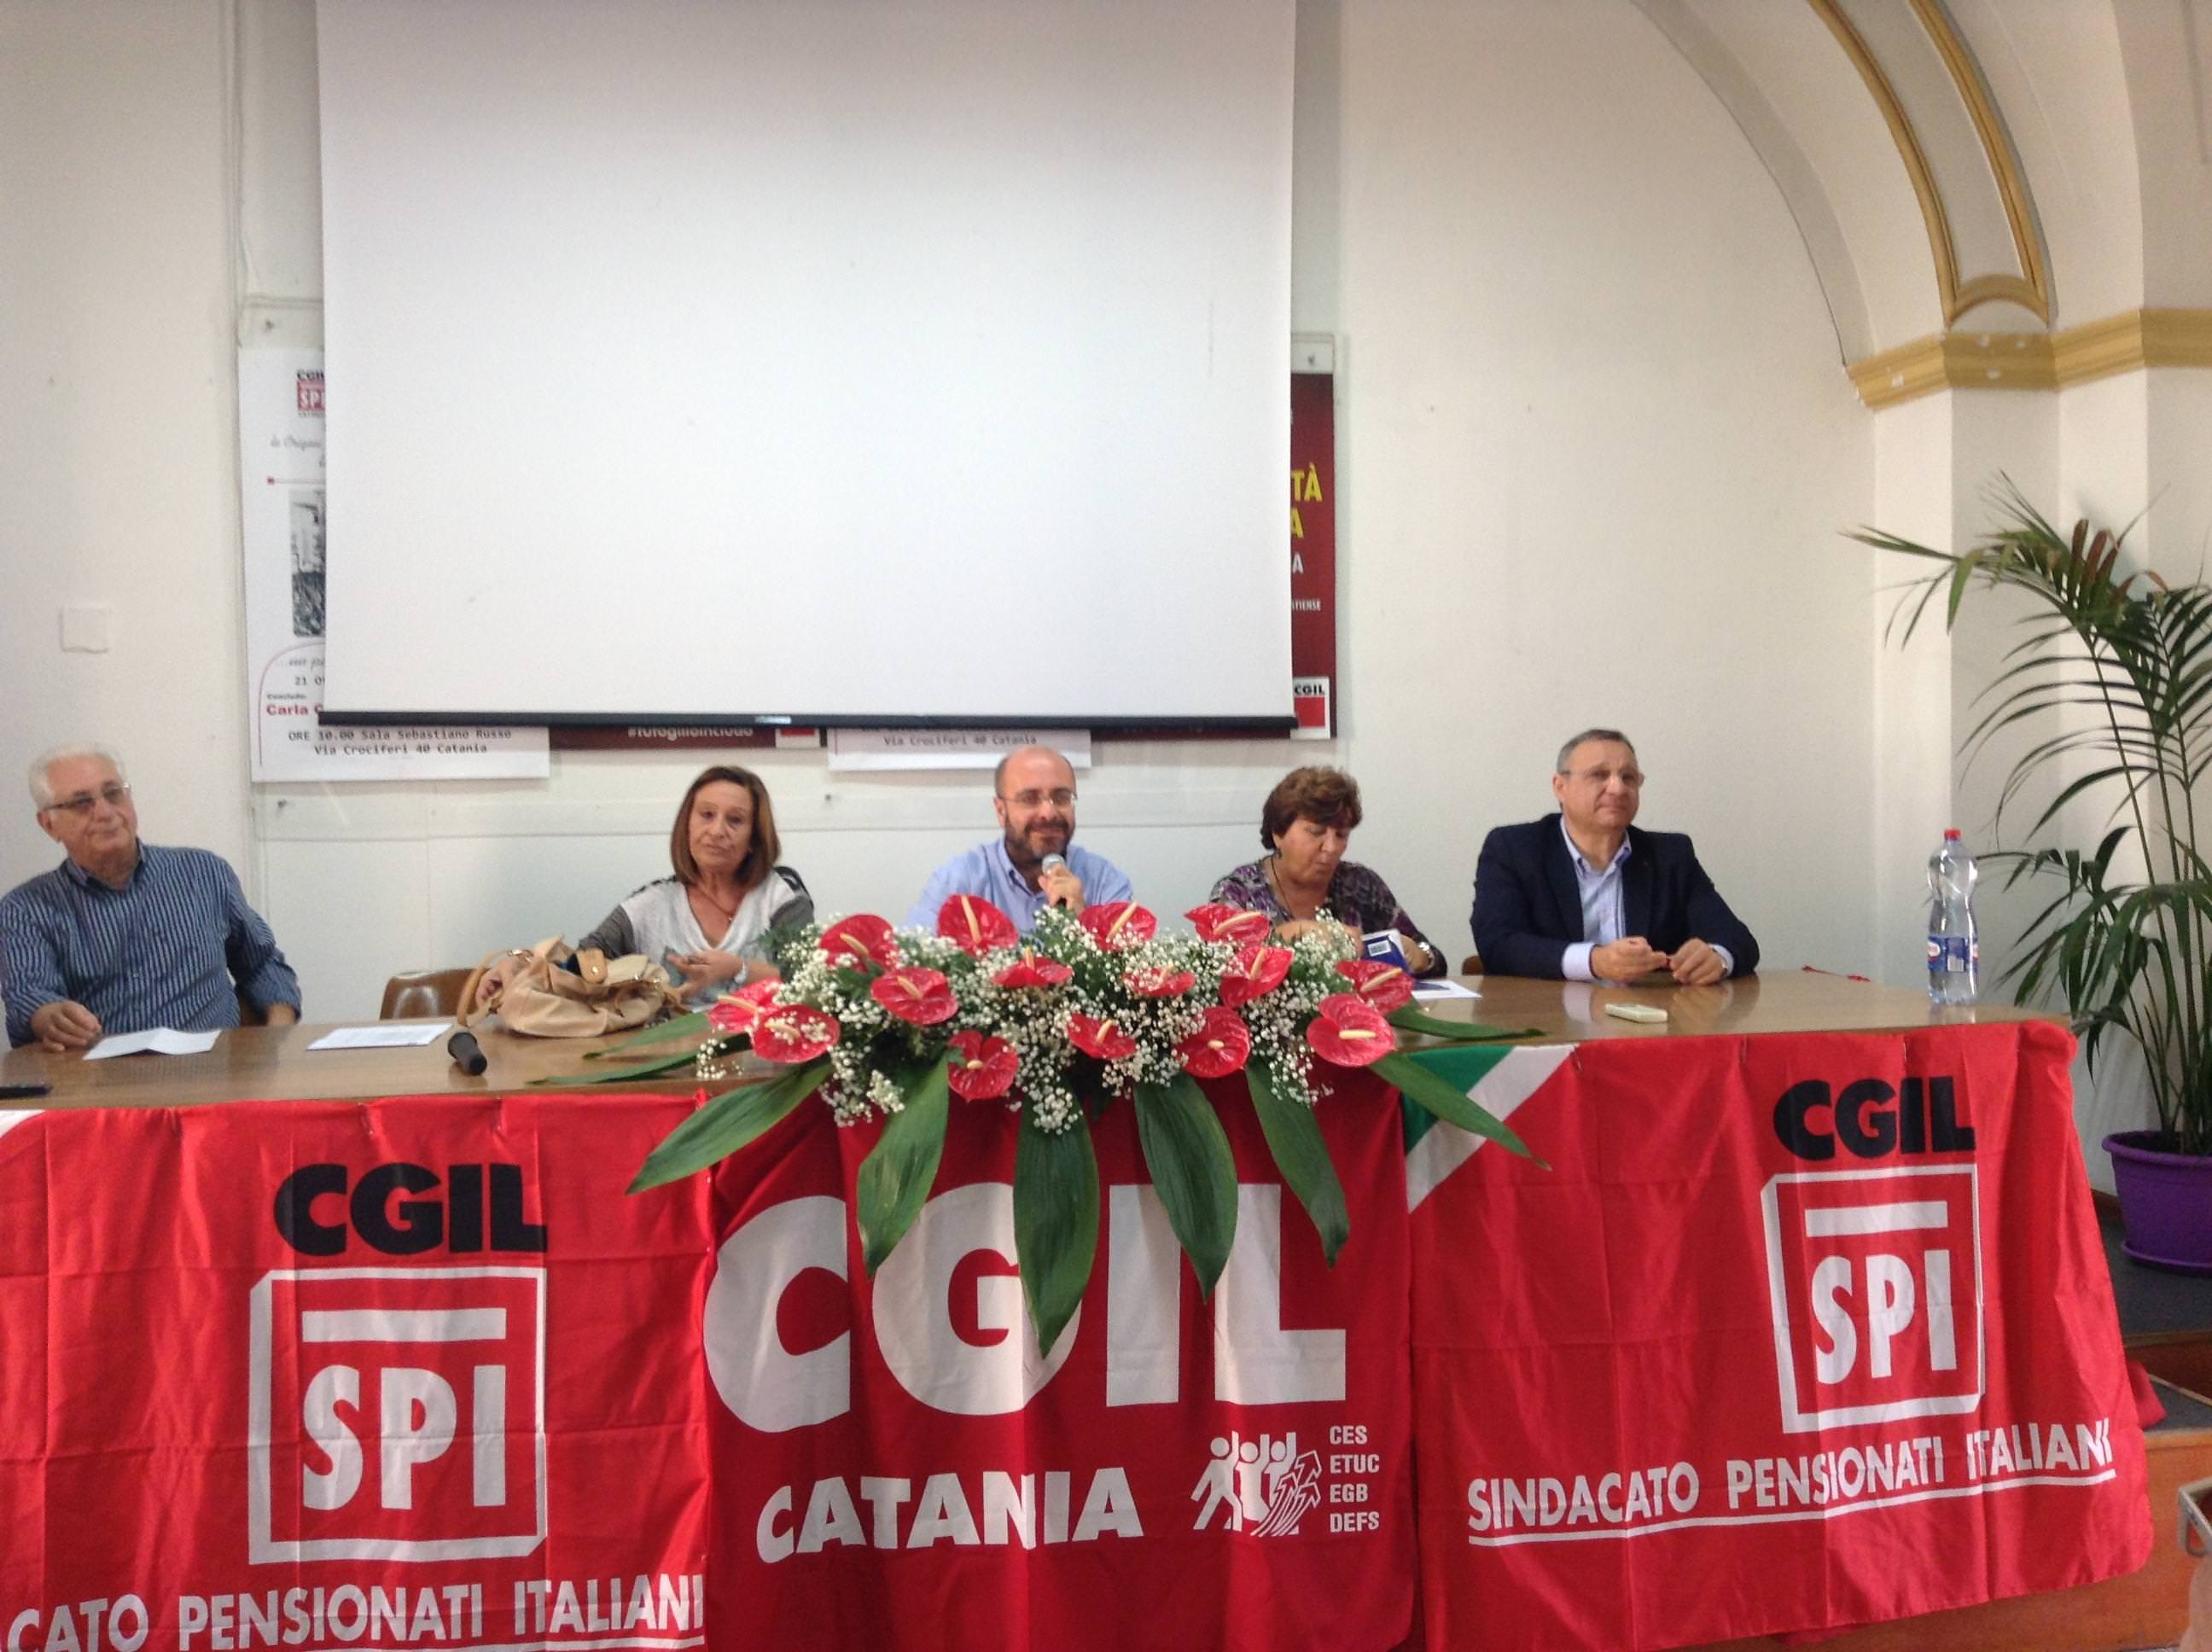 La CGIL prepara anche da Catania la mobilitazione del 25 ottobre